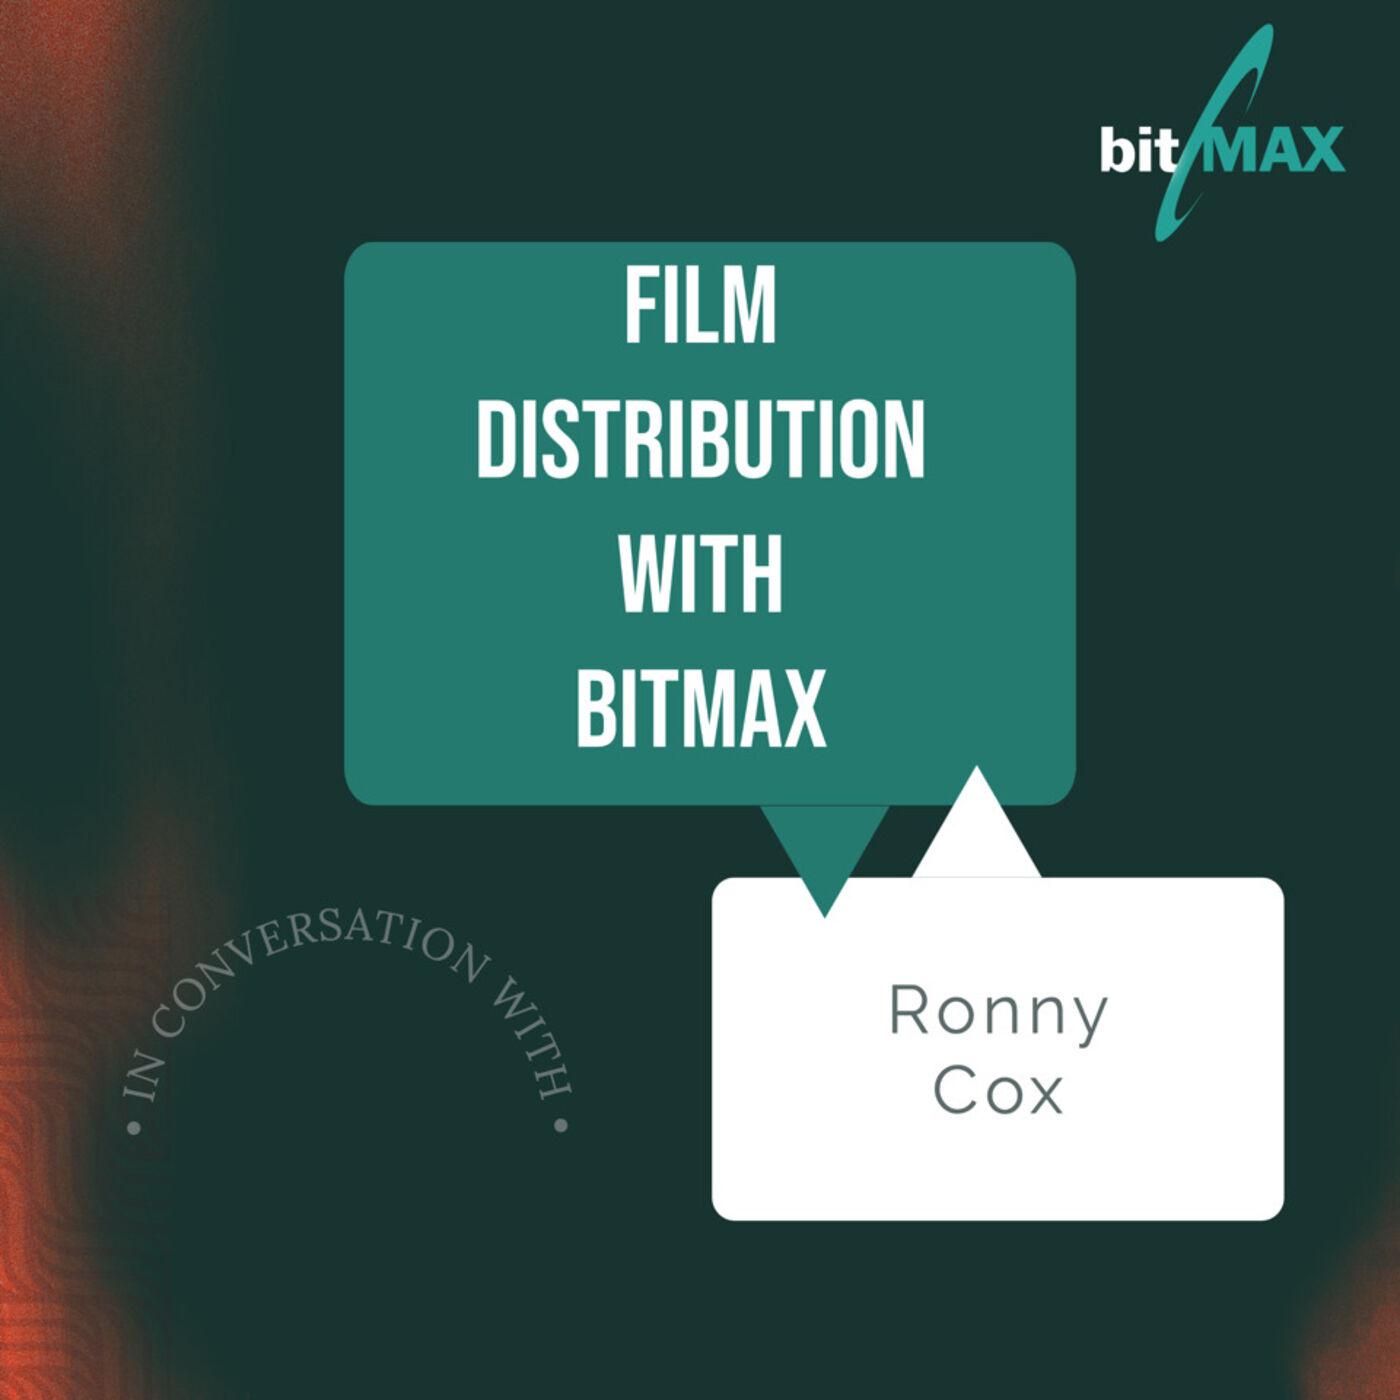 Episode 9: Bitmax speaks to Ronny Cox